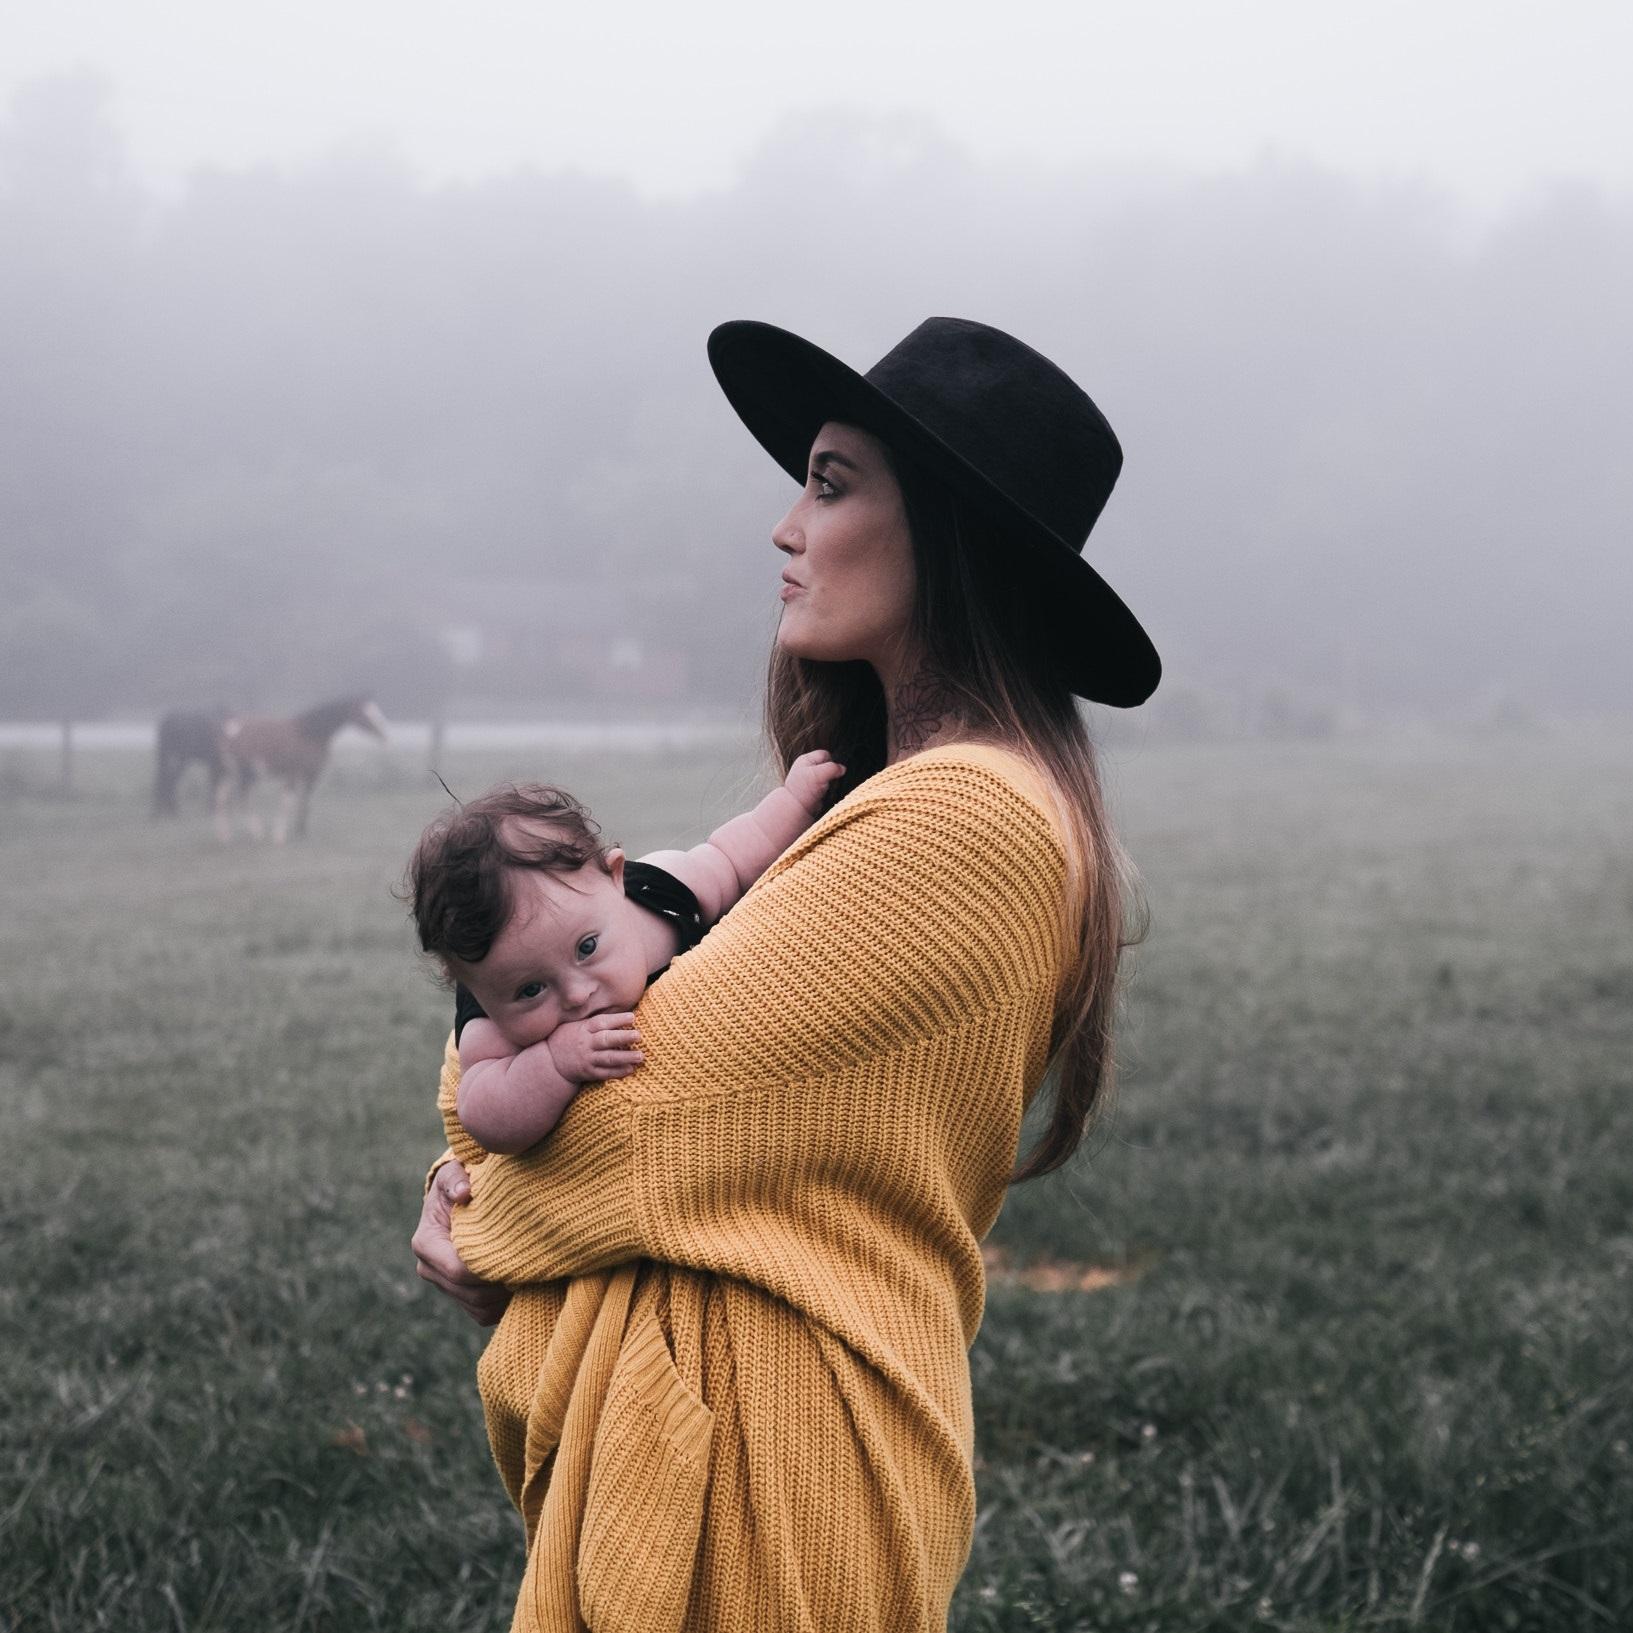 Trauma - Die meisten Frauen, die ich begleiten darf, bekommen in zweites, drittes,… Kind. Hinter diesem Phänomen versteckt sich eine ähnliche Geschichte, die so oder so ähnlich lautet:Frauen, die zum ersten mal gebären vertrauen oft darauf, dass alle Geburtbegleiter ihre Wünsche vertreten, dass der Arzt es am besten weiß und dass ihre Mütter und Großmütter es auch durch die Geburt geschafft haben, also wird das bei ihnen auch klappen.Und obwohl die Möglichkeit besteht, dass sich diese Überlegungen als richtig erweisen, leiden doch viele frischgebackene Mütter unter schlechten Geburtserfahrungen. Diese Situation gepaart mit den Anforderungen des Neugeborenen kann dazu führen, dass sich Mütter deprimiert, traurig oder wertlos fühlen.Manchmal werden Frauen sogar durch respektloses Verhalten oder physische Übergriffe im Kreißsaal von genau den Personen traumatisiert, die den Auftrag gehabt hätte, sie zu schützen. Gewalt unter der Geburt ist ein Thema, das bereits die Medien erreicht hat und obwohl wir glauben wollen, dass so etwas niemals passiert, passiert es.Eine Doula kann die Frau an deiner Seite sein, sie kann dir Hilfsleistungen wie psychiatrische Kliniken, die auf Schwangere und Wöchnerinne spezialisiert sind empfehlen, Sie kennt liebevolle Gynäkologen oder empfielt Osteopathen, genauso wie andere brauchbare Unterstützungsleistungen. Doulas hören dir zu, ohne dich zu beurteilen.